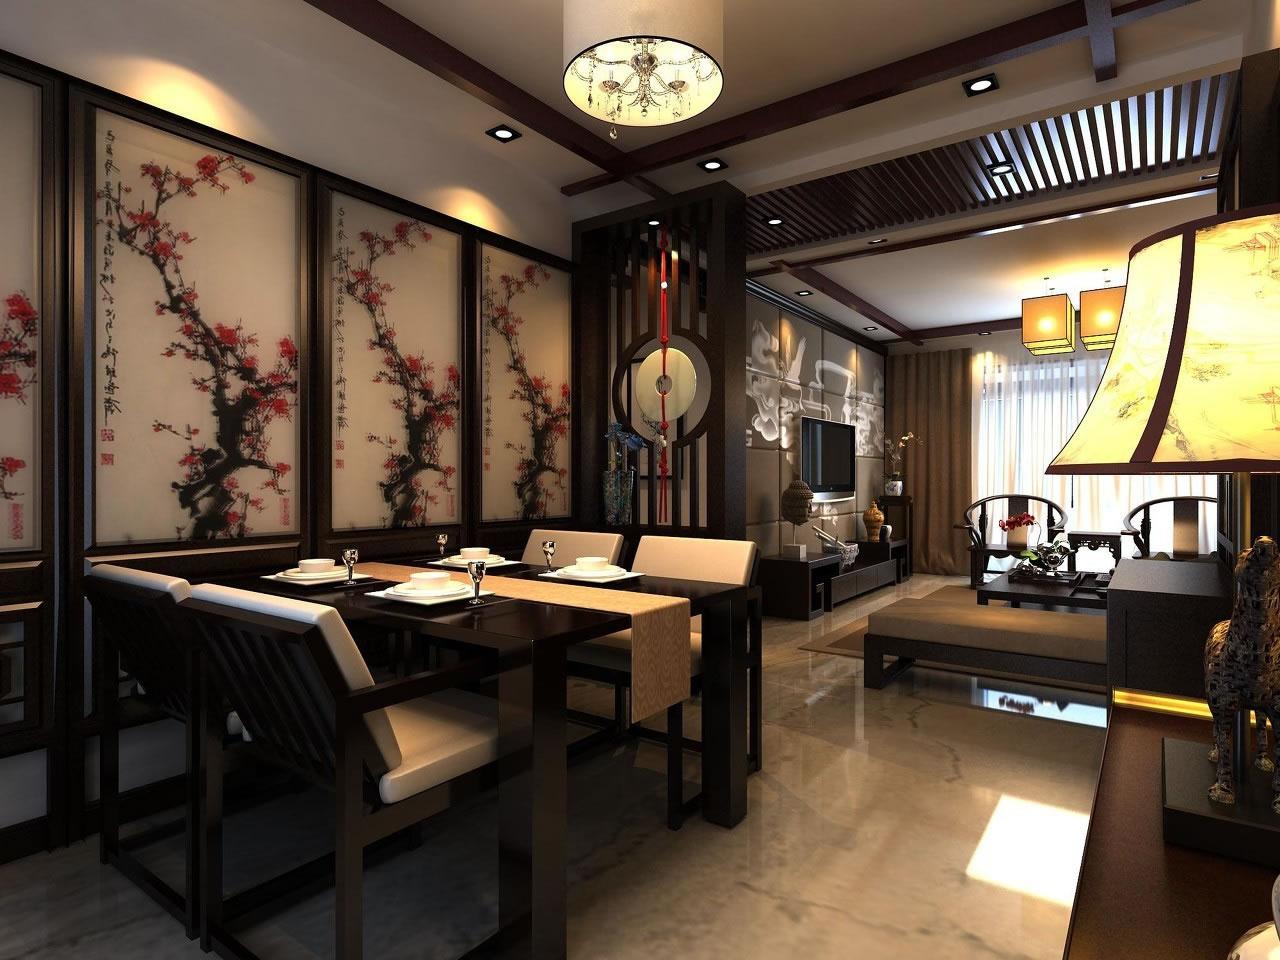 中式装修效果图推荐 中式家装效果图大全欣赏